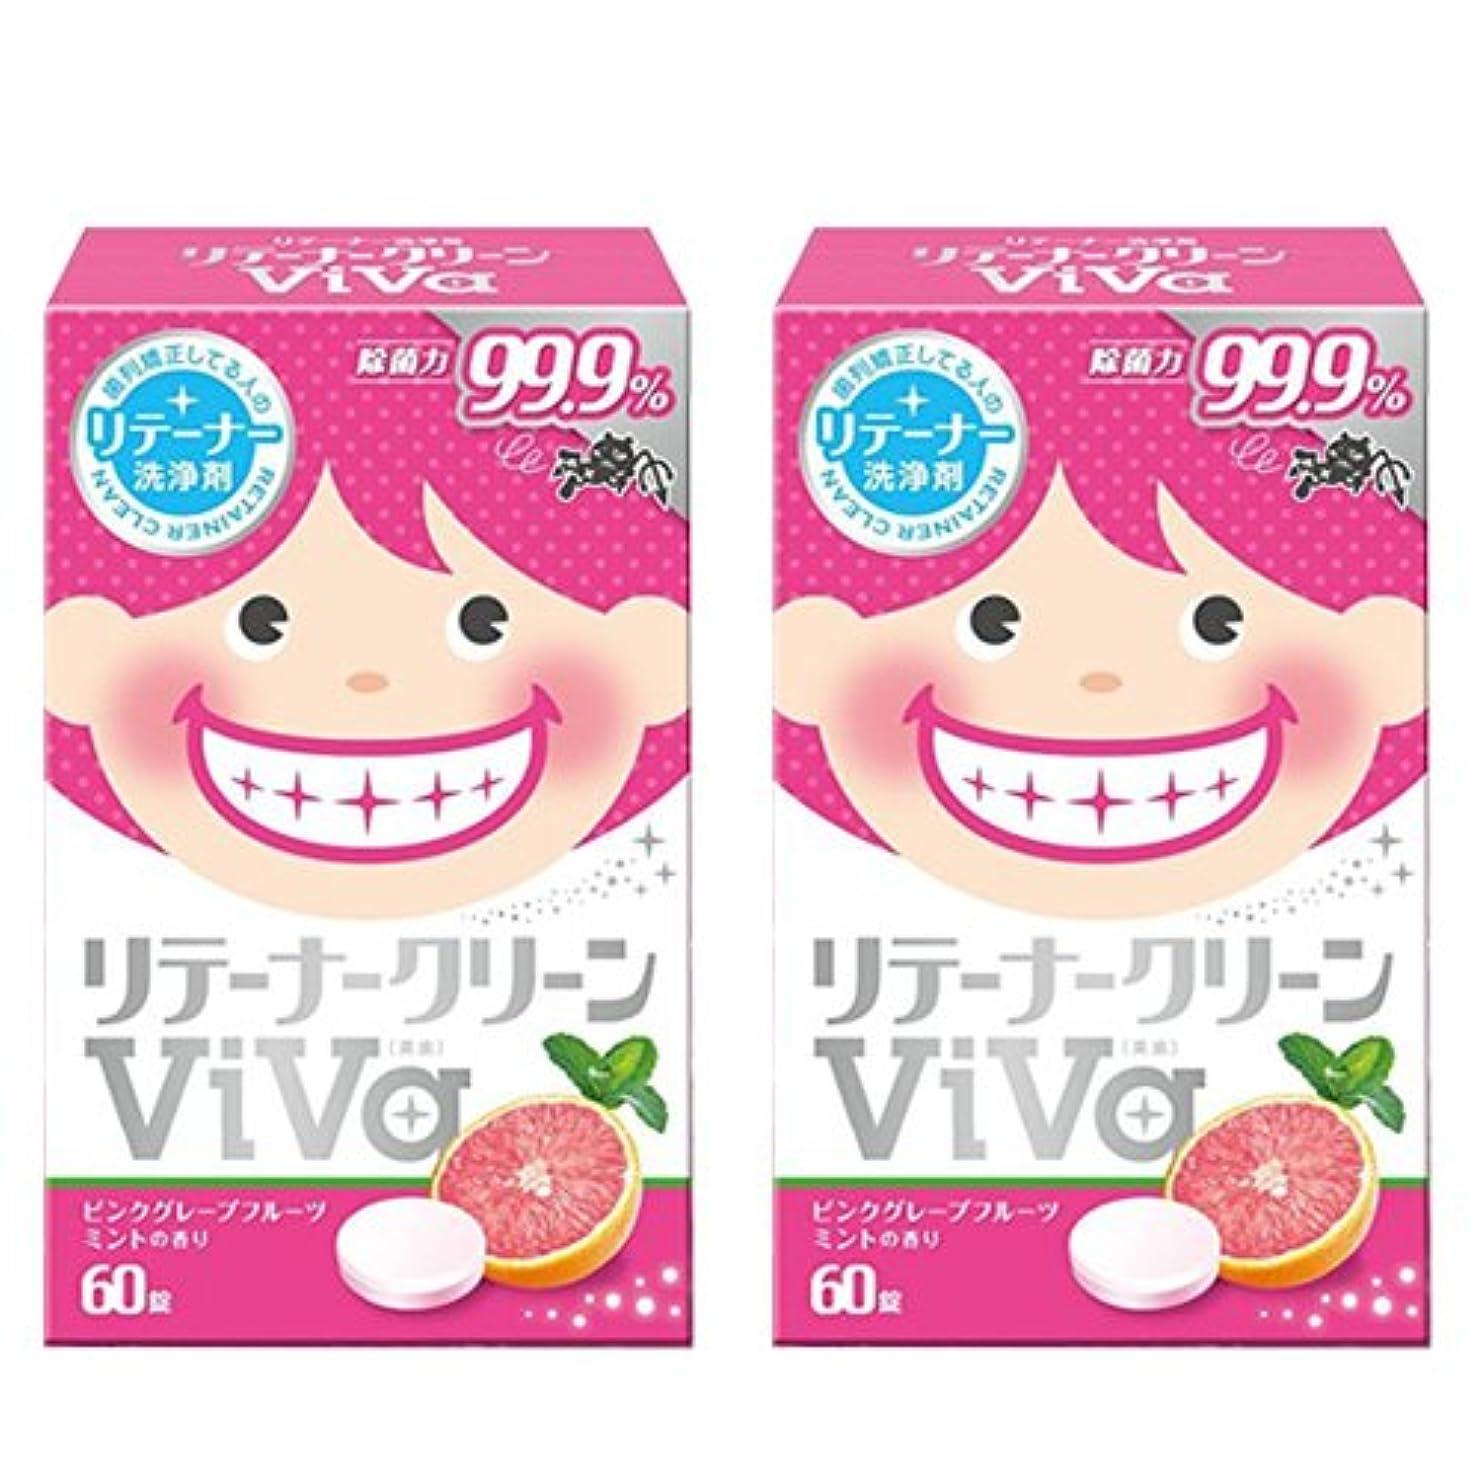 被害者増強シャットリテーナークリーン ViVa 60錠 歯列矯正している人のリテーナー洗浄剤 (2箱)